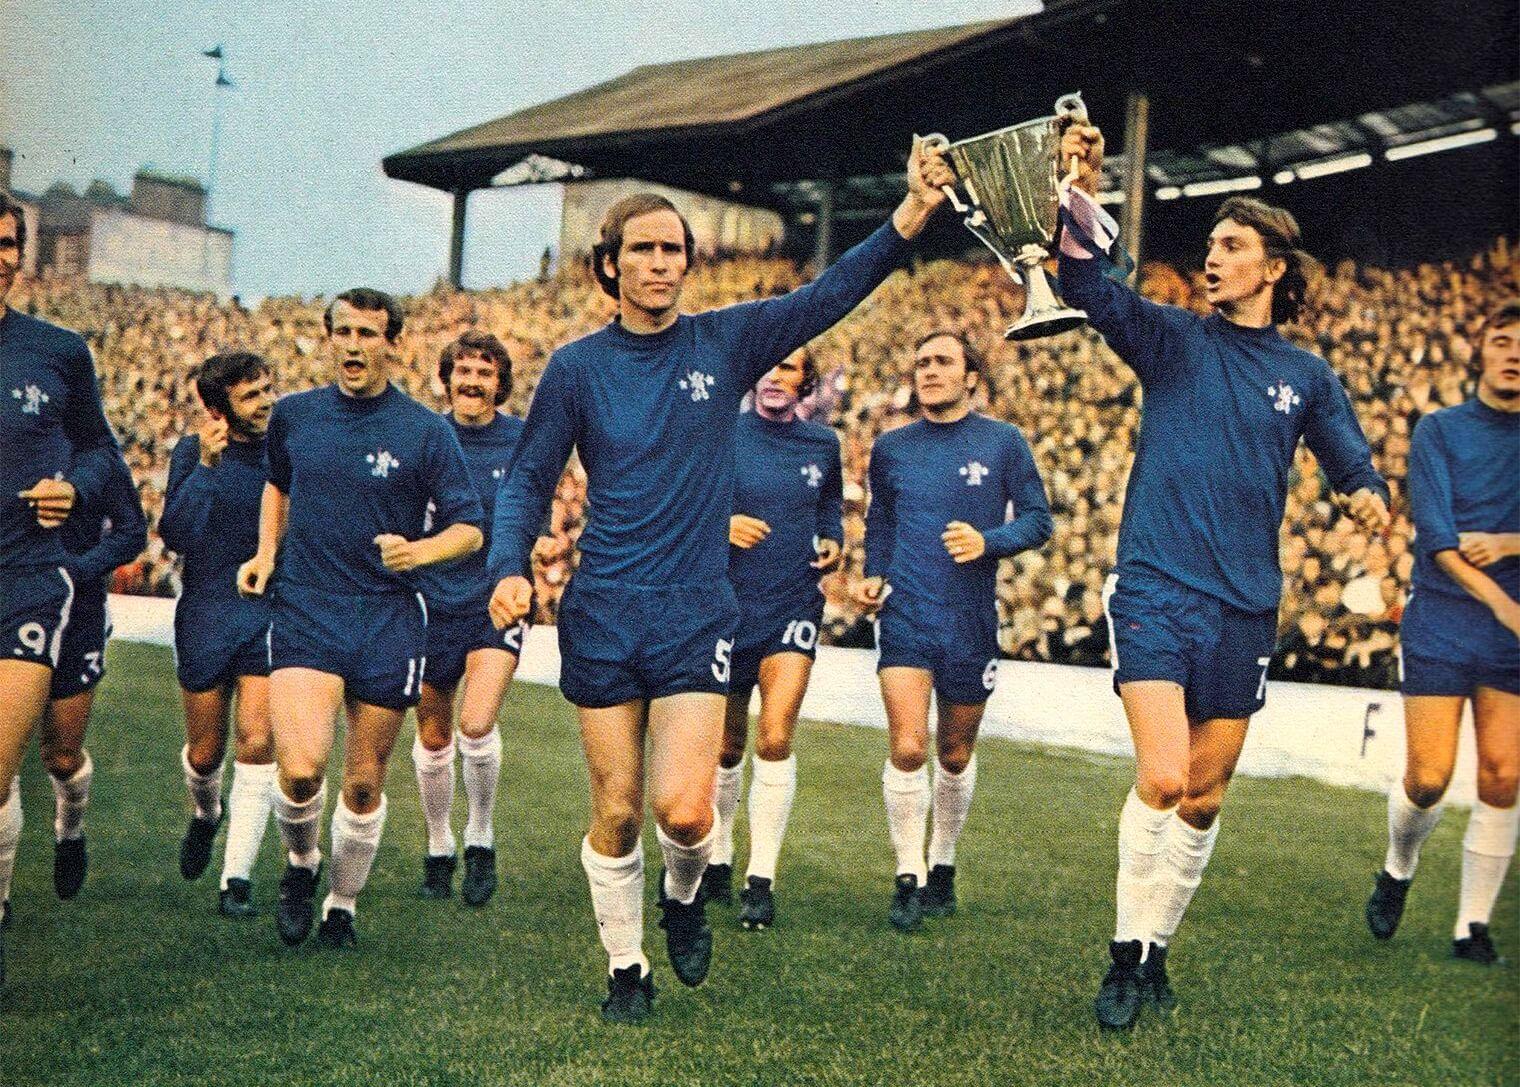 Chelsea FC vainqueurs de la Coupe d'Europe des vainqueurs de coupe : 1971